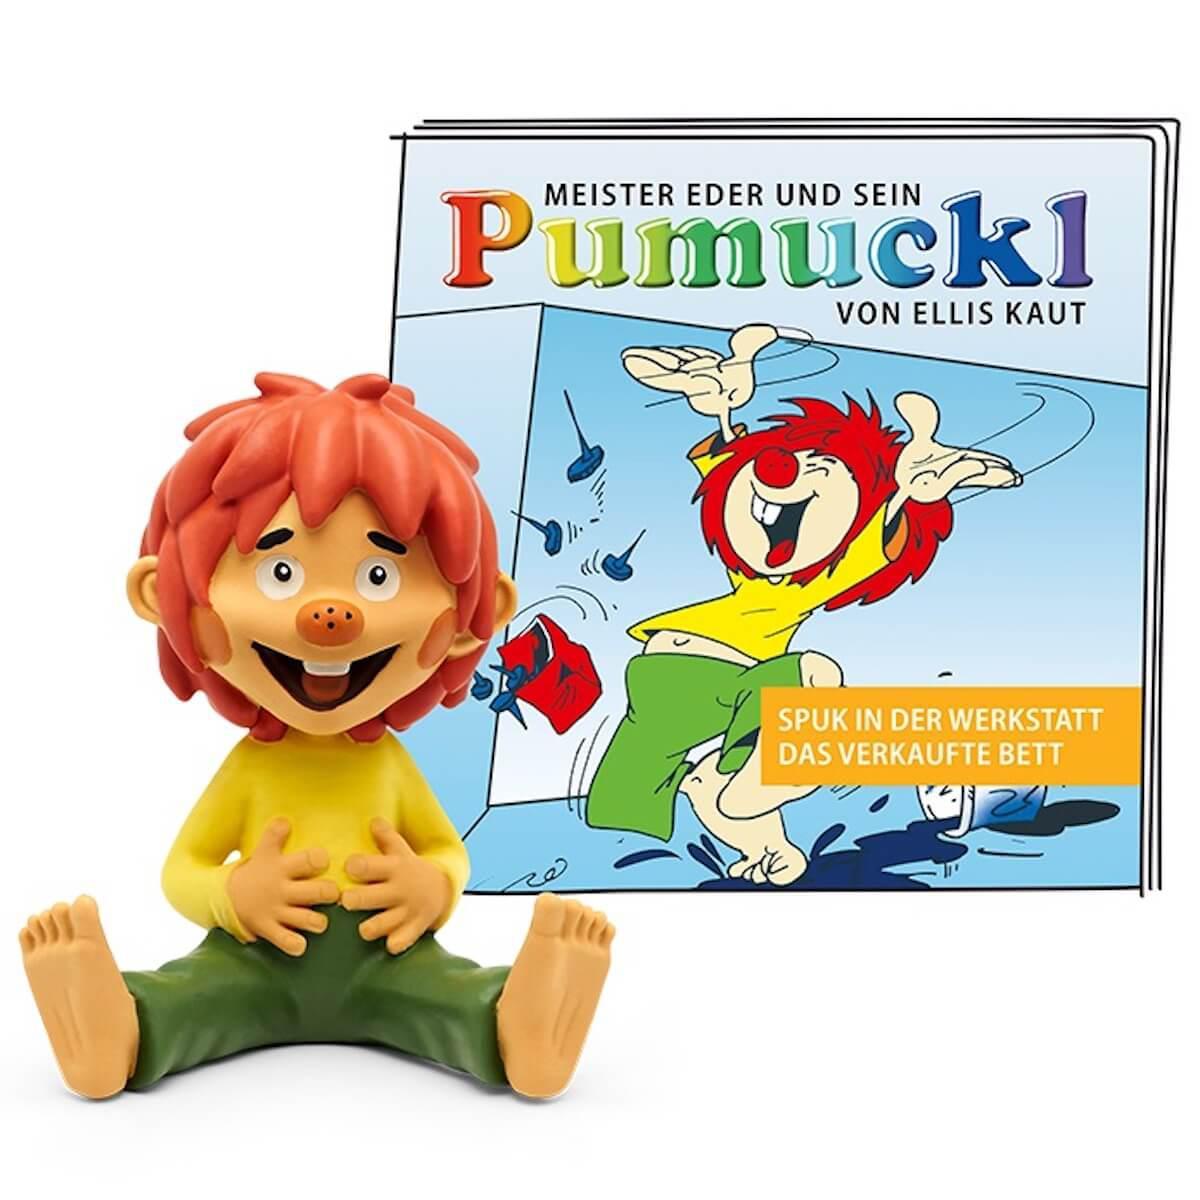 Hörspielfigur TONIES Pumuckl-Spuk in der Werkstatt